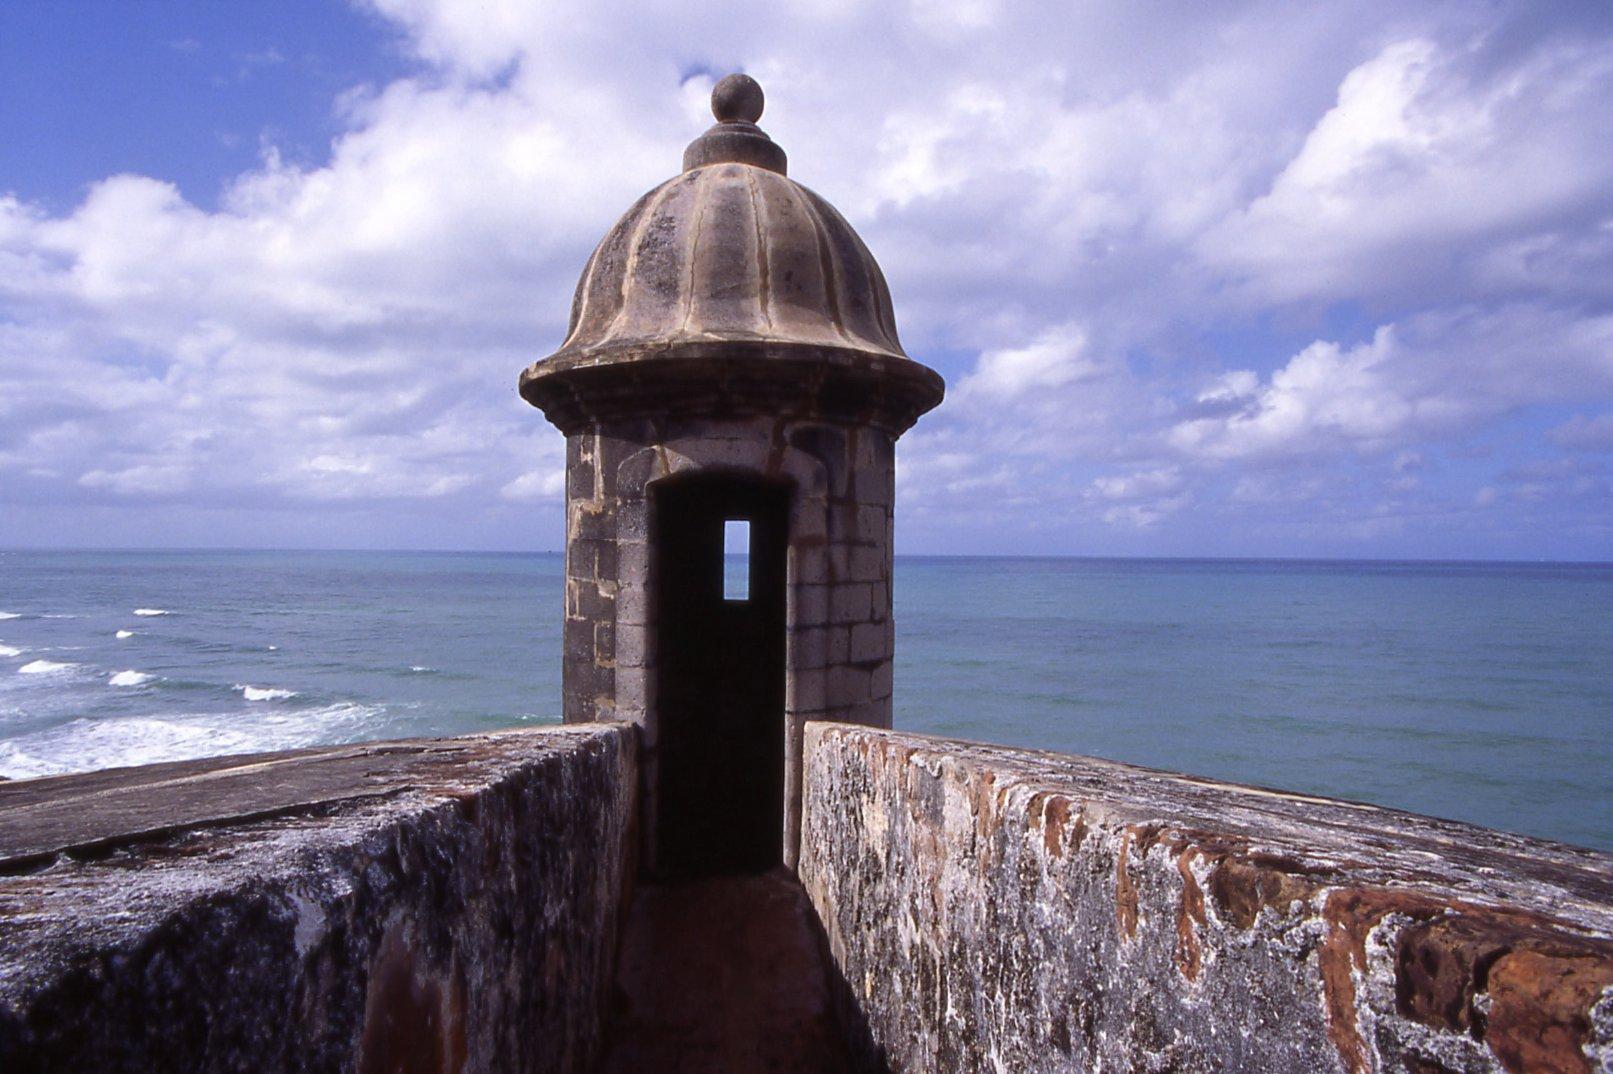 El Morro Watchtower 183 Vistasgallery